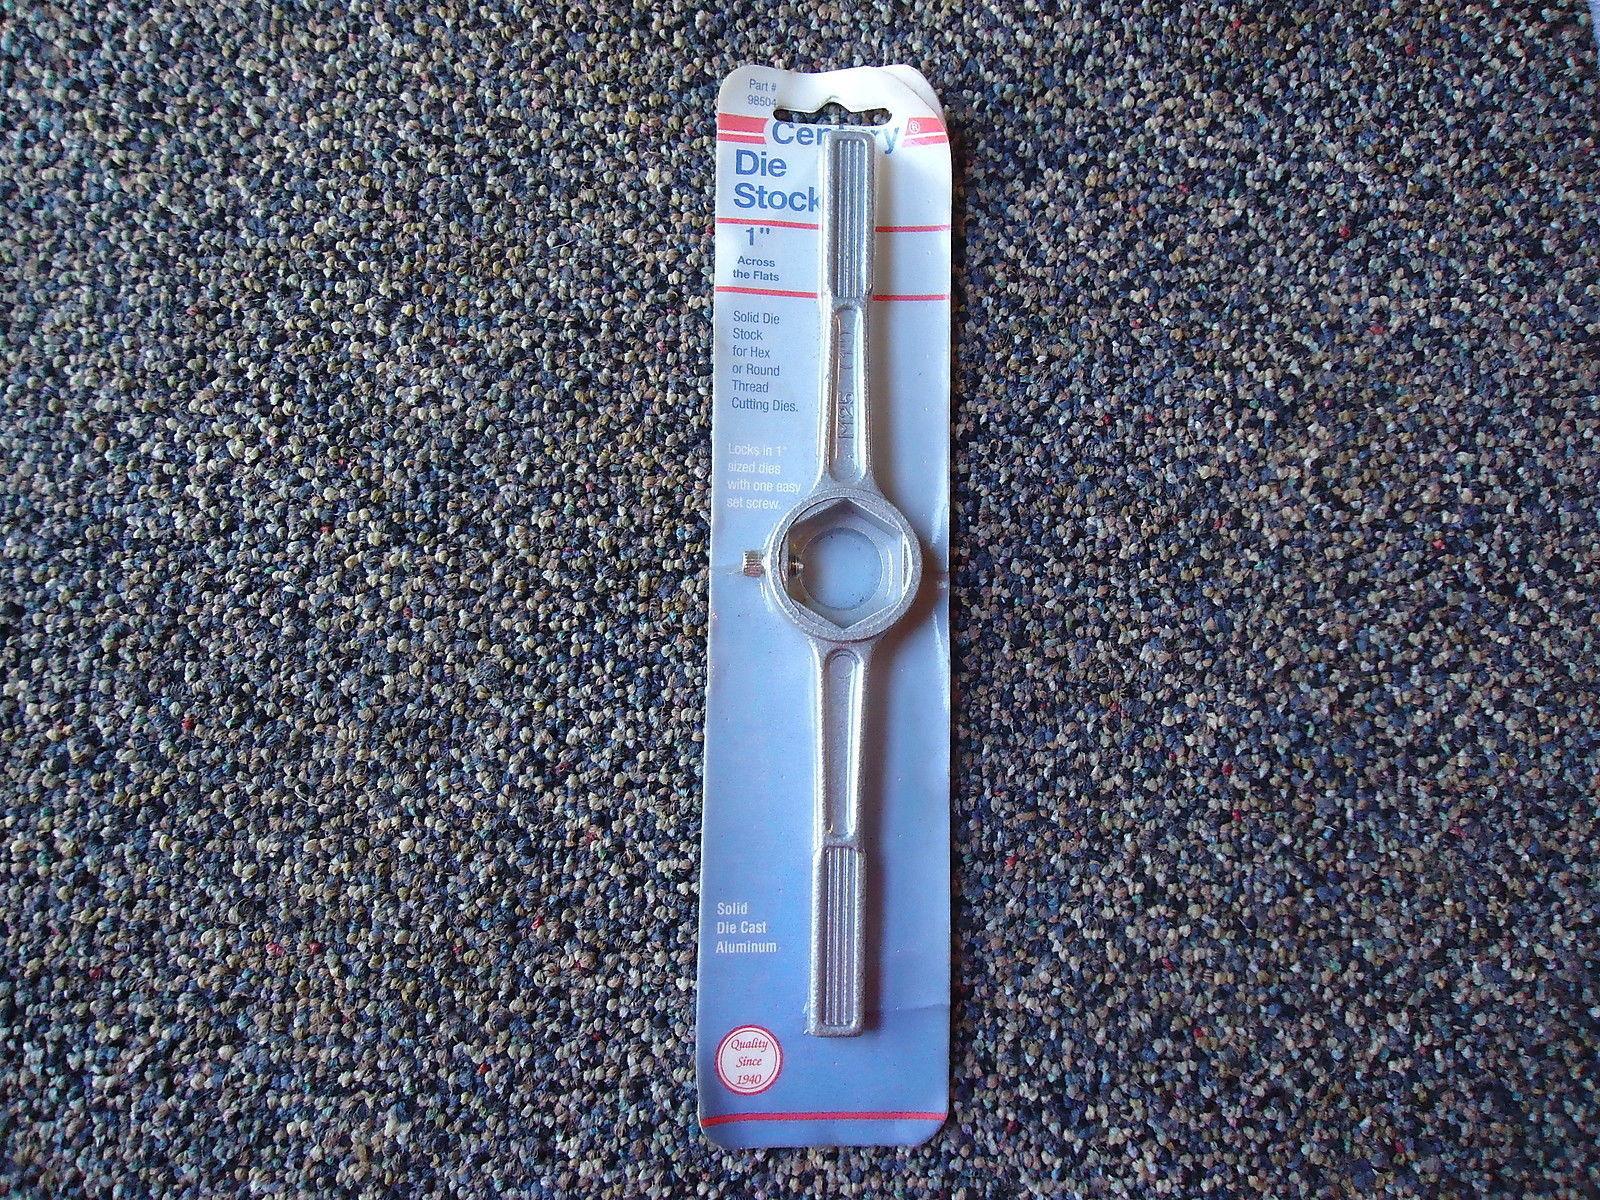 1 3//4-12 UN Tap Thread Tap HSS Plug 2B RH Ship by Fedex Delivery in 4 days